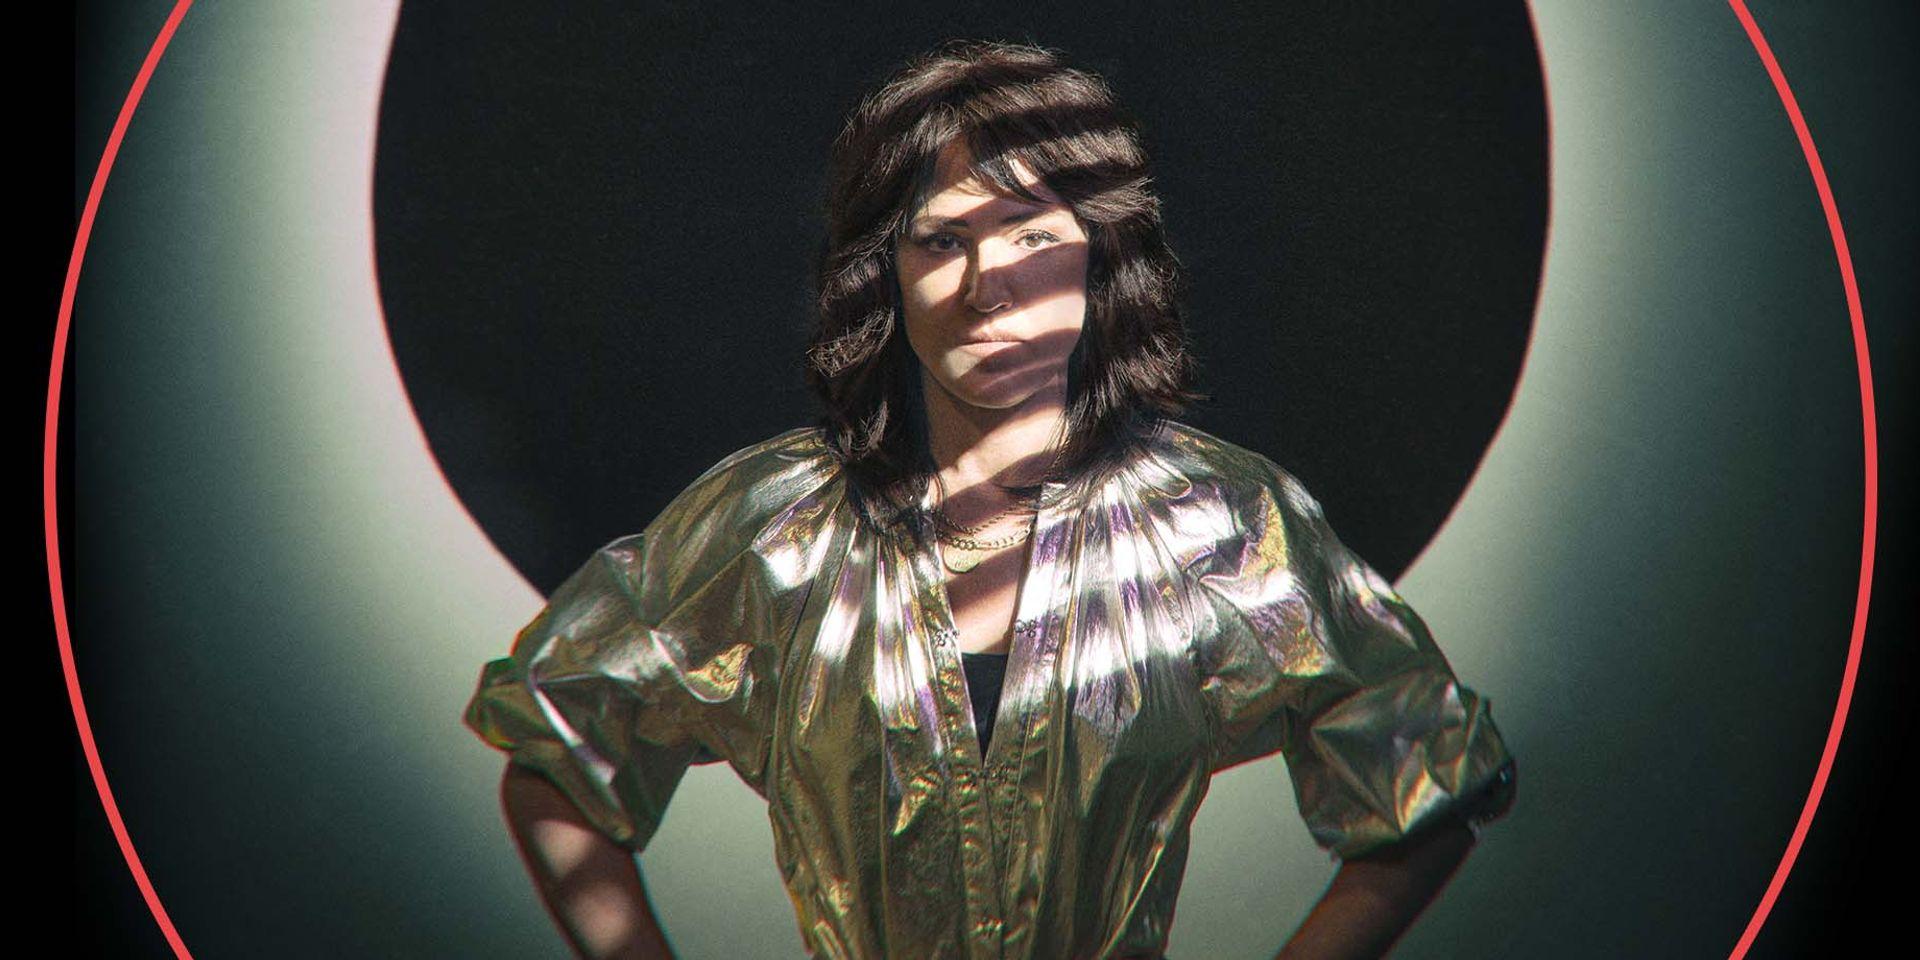 Joan As Police Woman, gira por cinco ciudades en febrero con EllESmusic